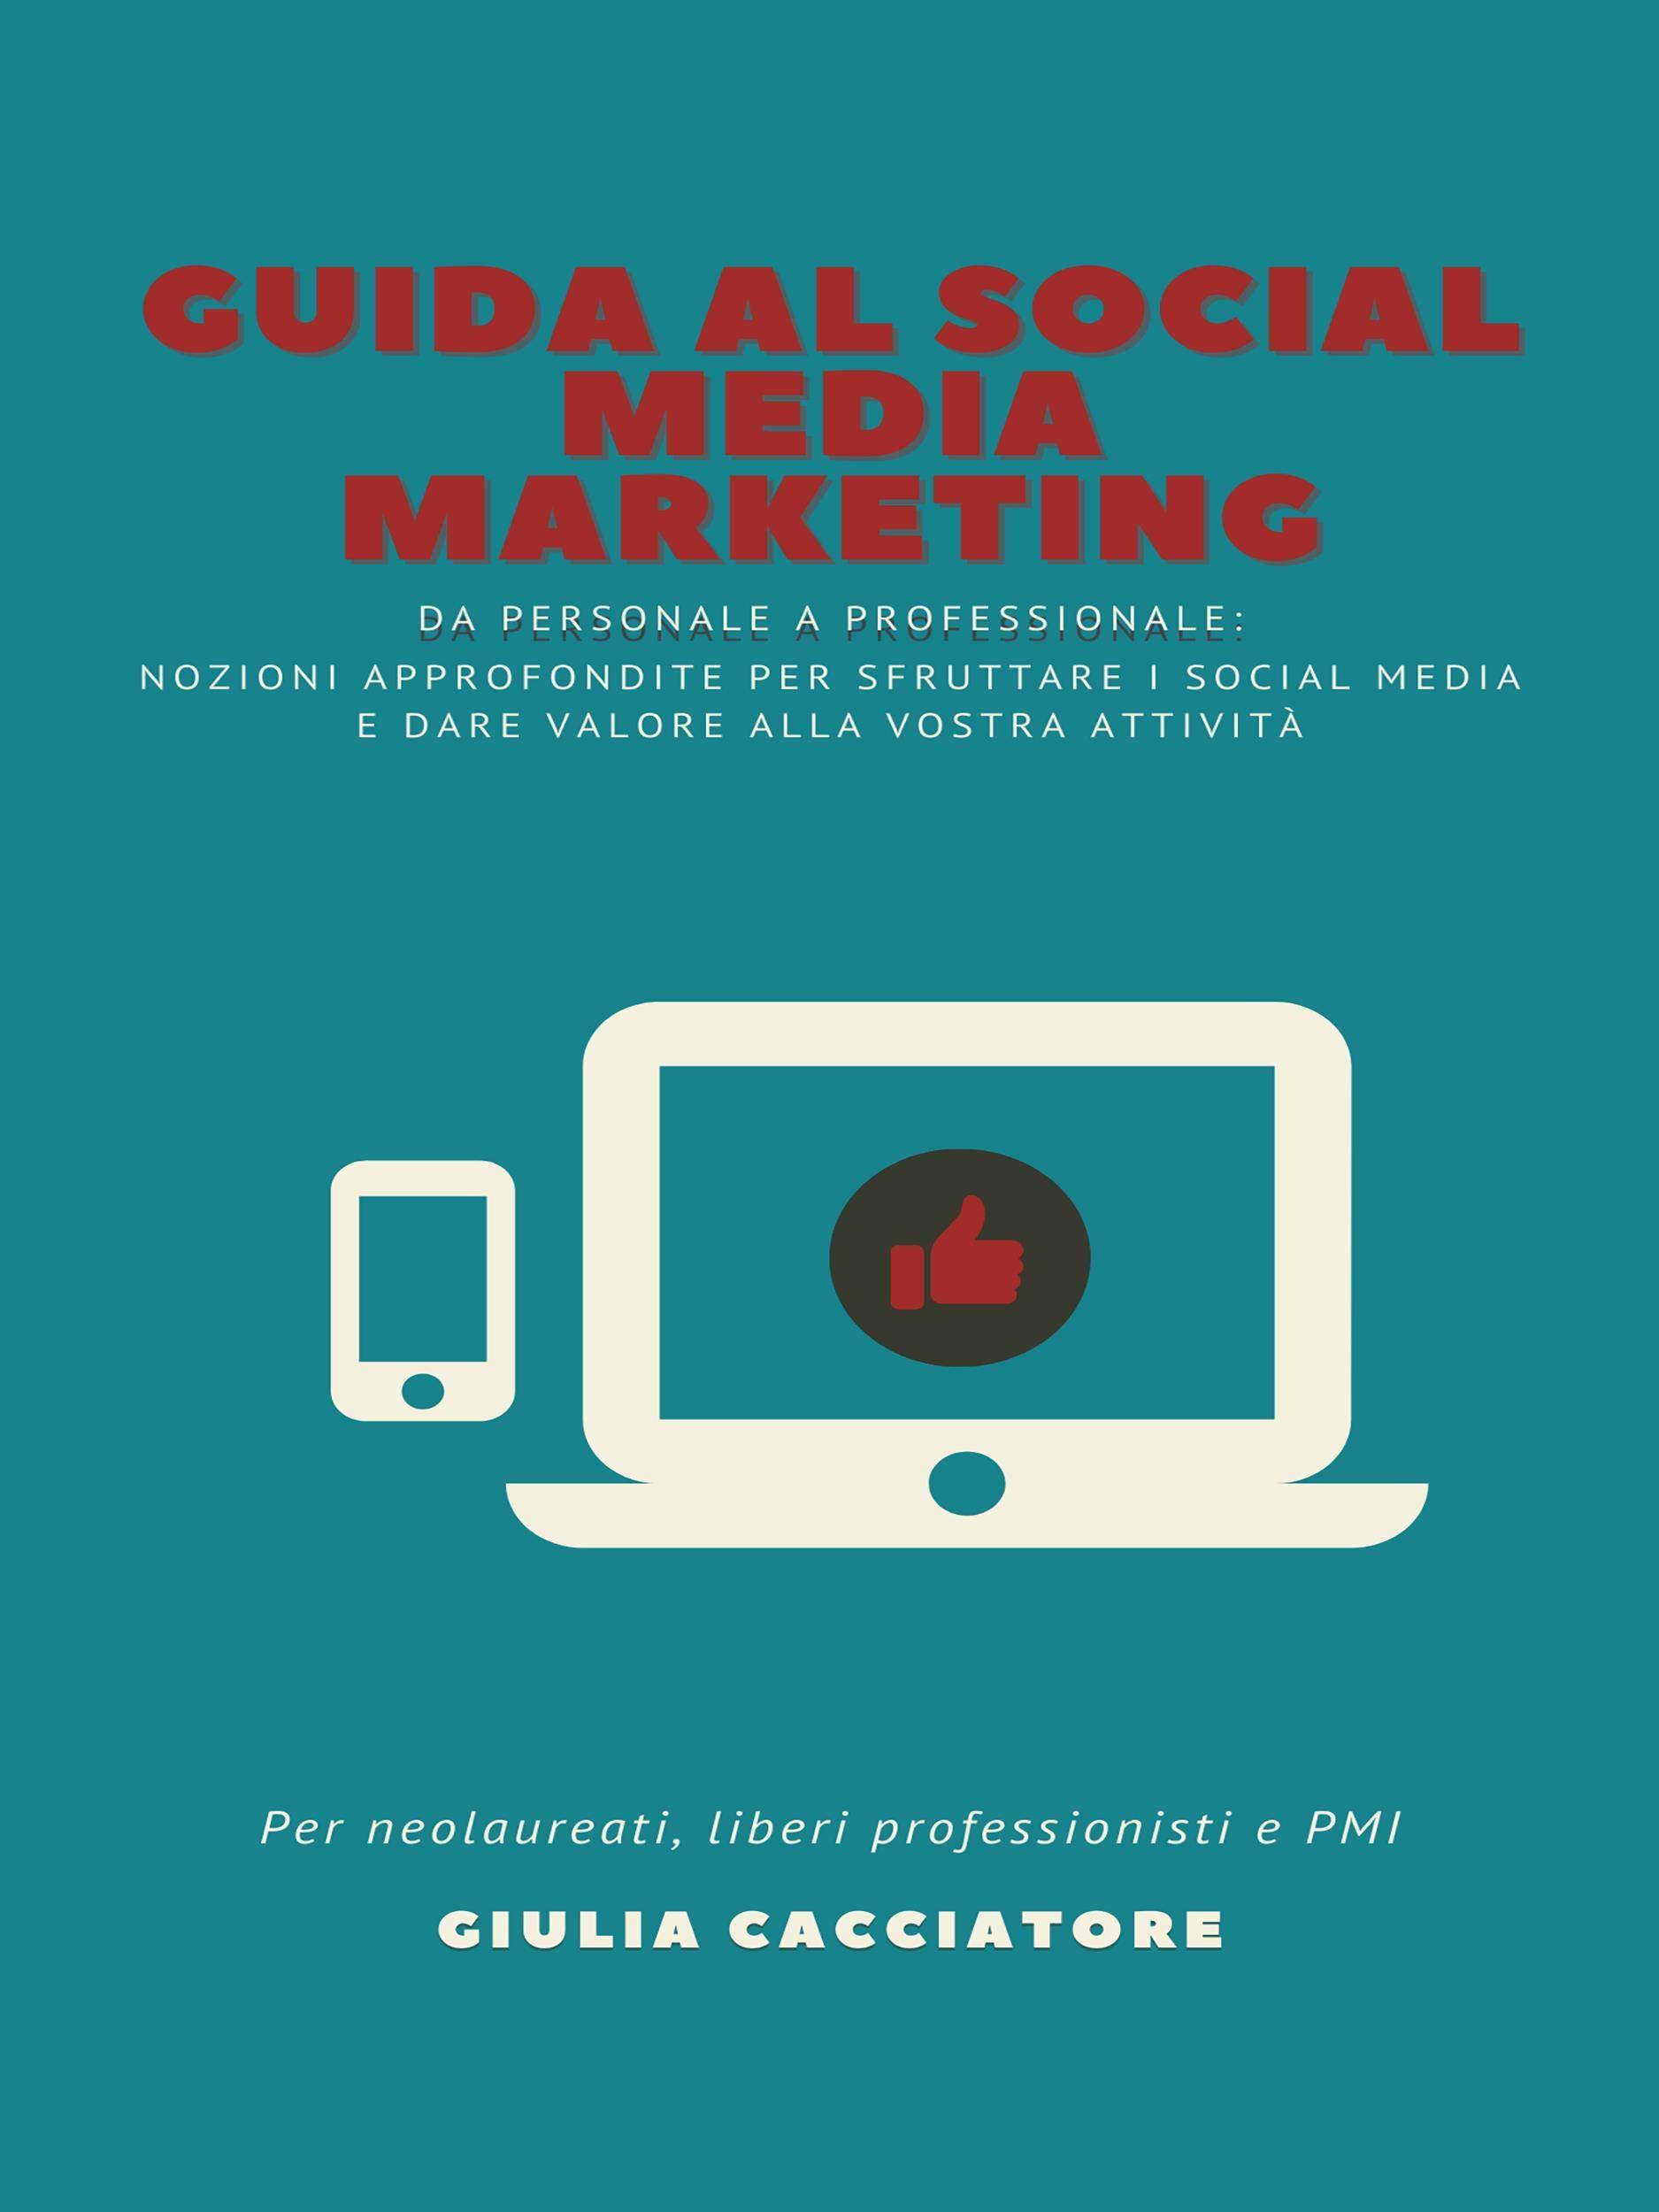 Guida al Social Media Marketing: Nozioni approfondite per sfruttare i social media e dare valore alla vostra attività (Italian Edition)